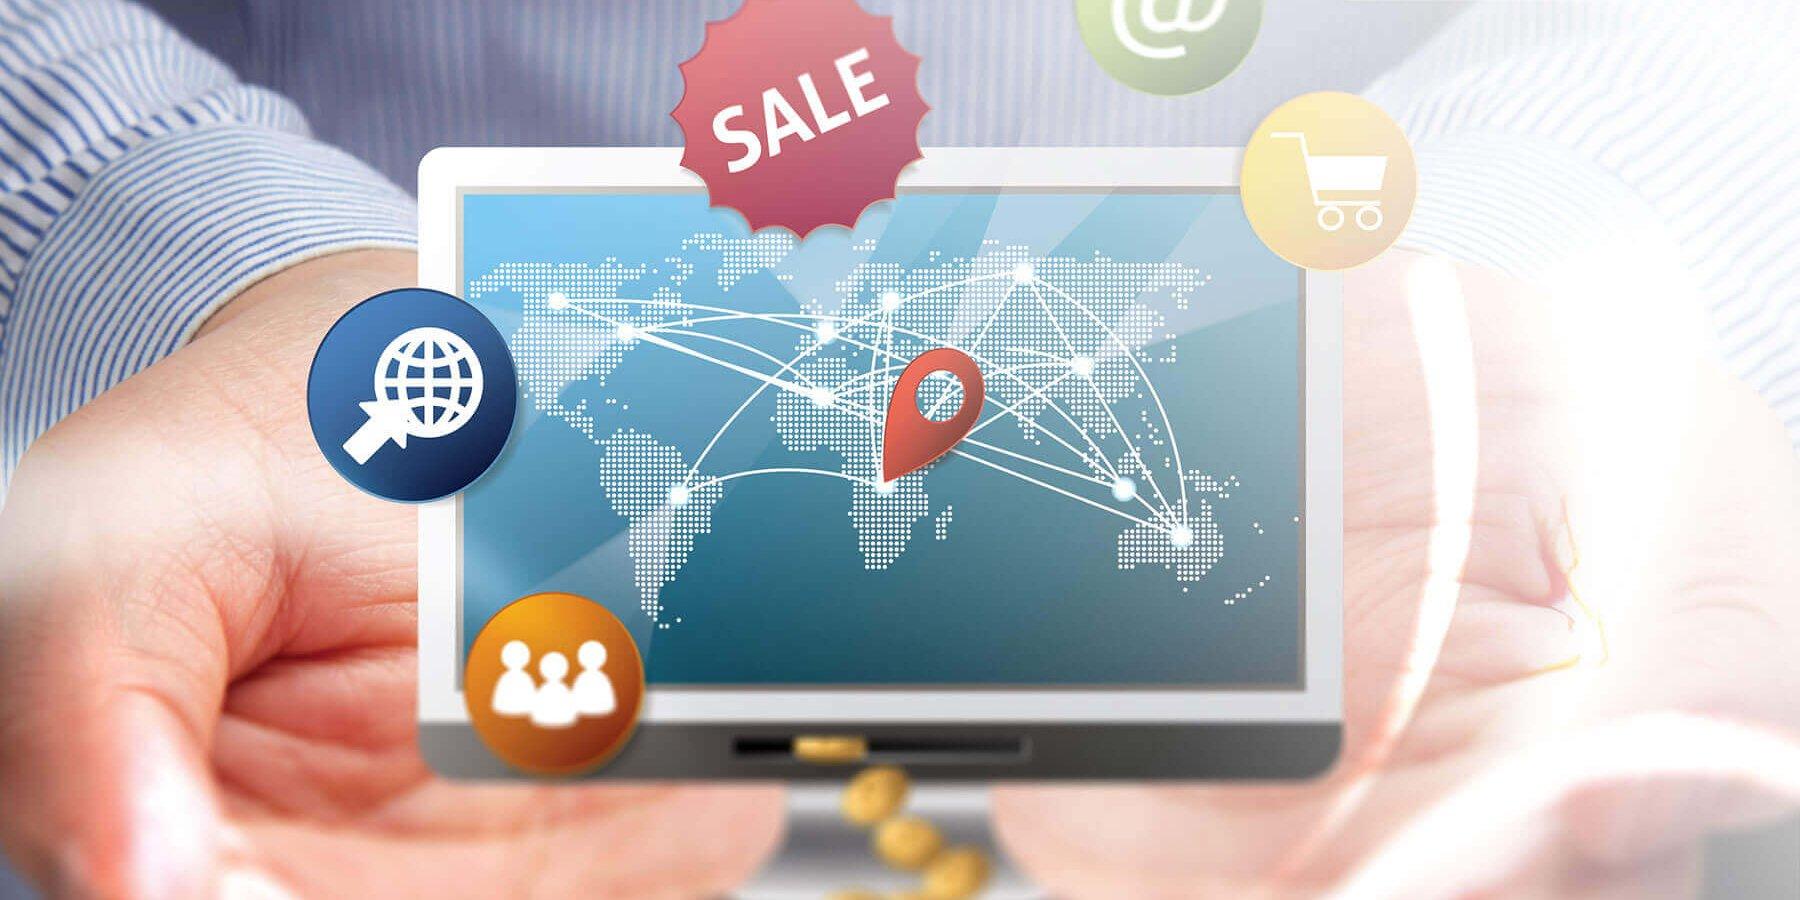 چگونه فروش اینترنتی کسبوکار خود را شروع کنم؟